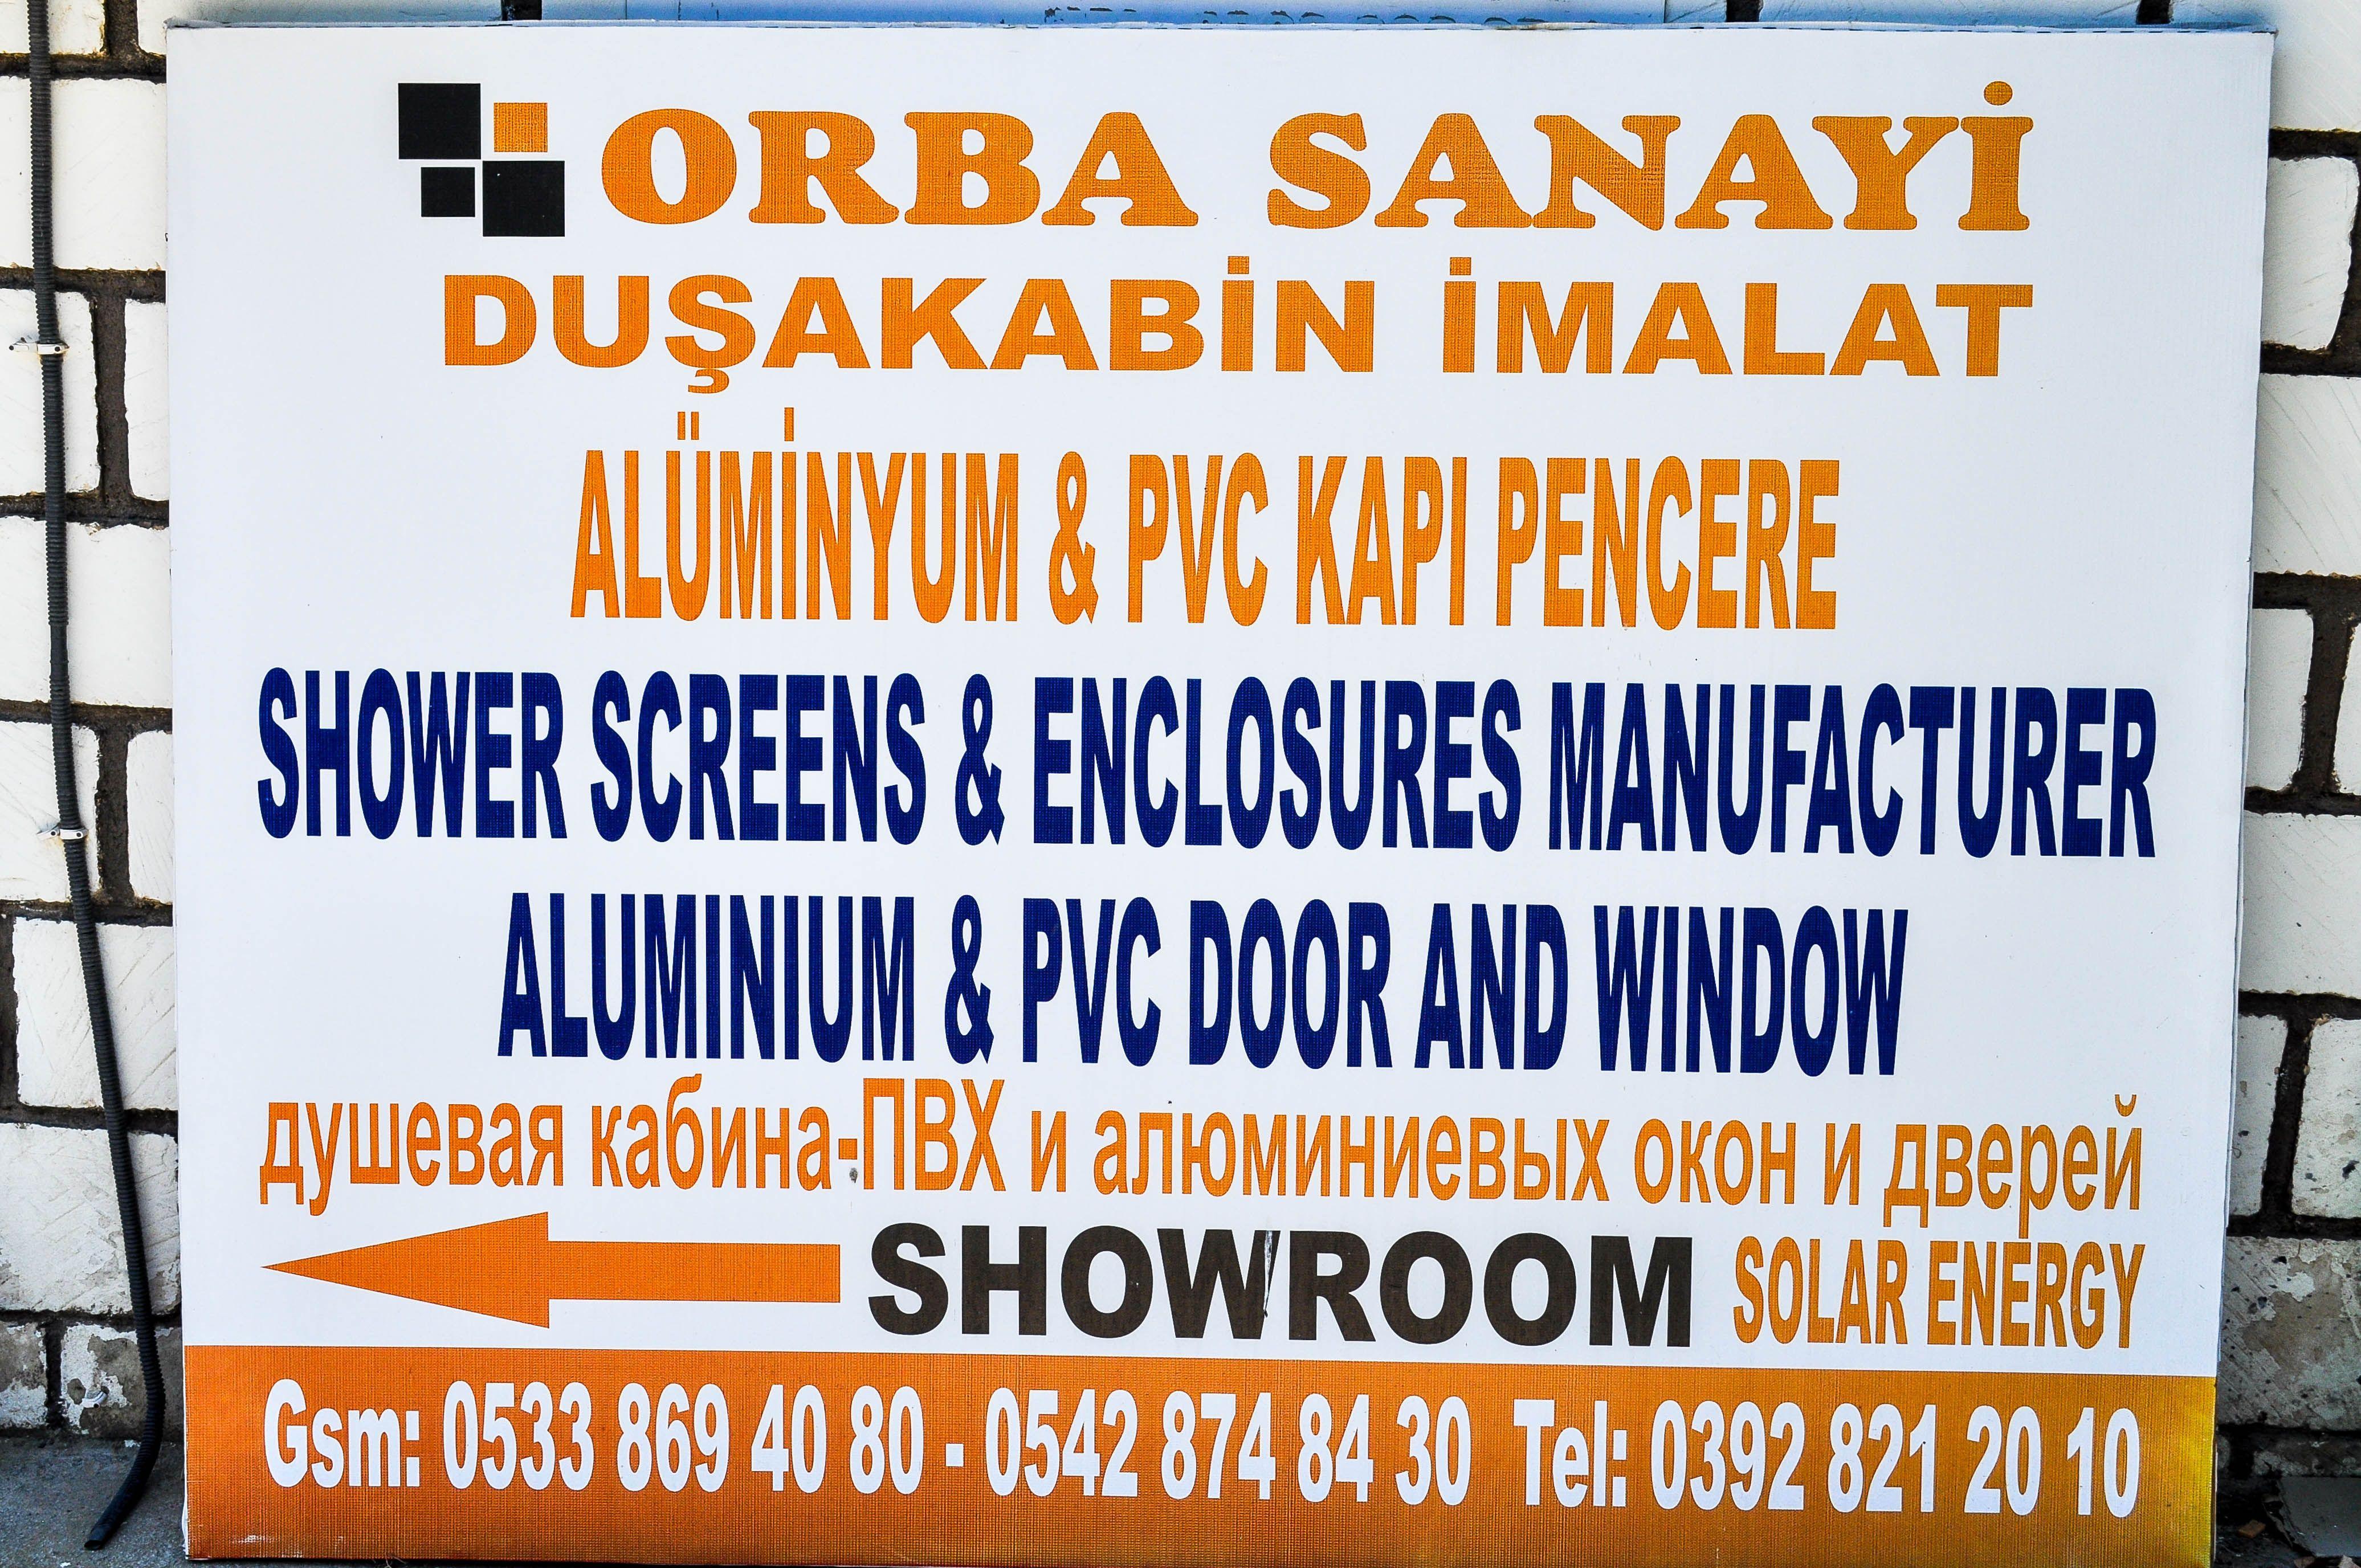 Фирма «ORBA» - москитные сетки и душевые кабины